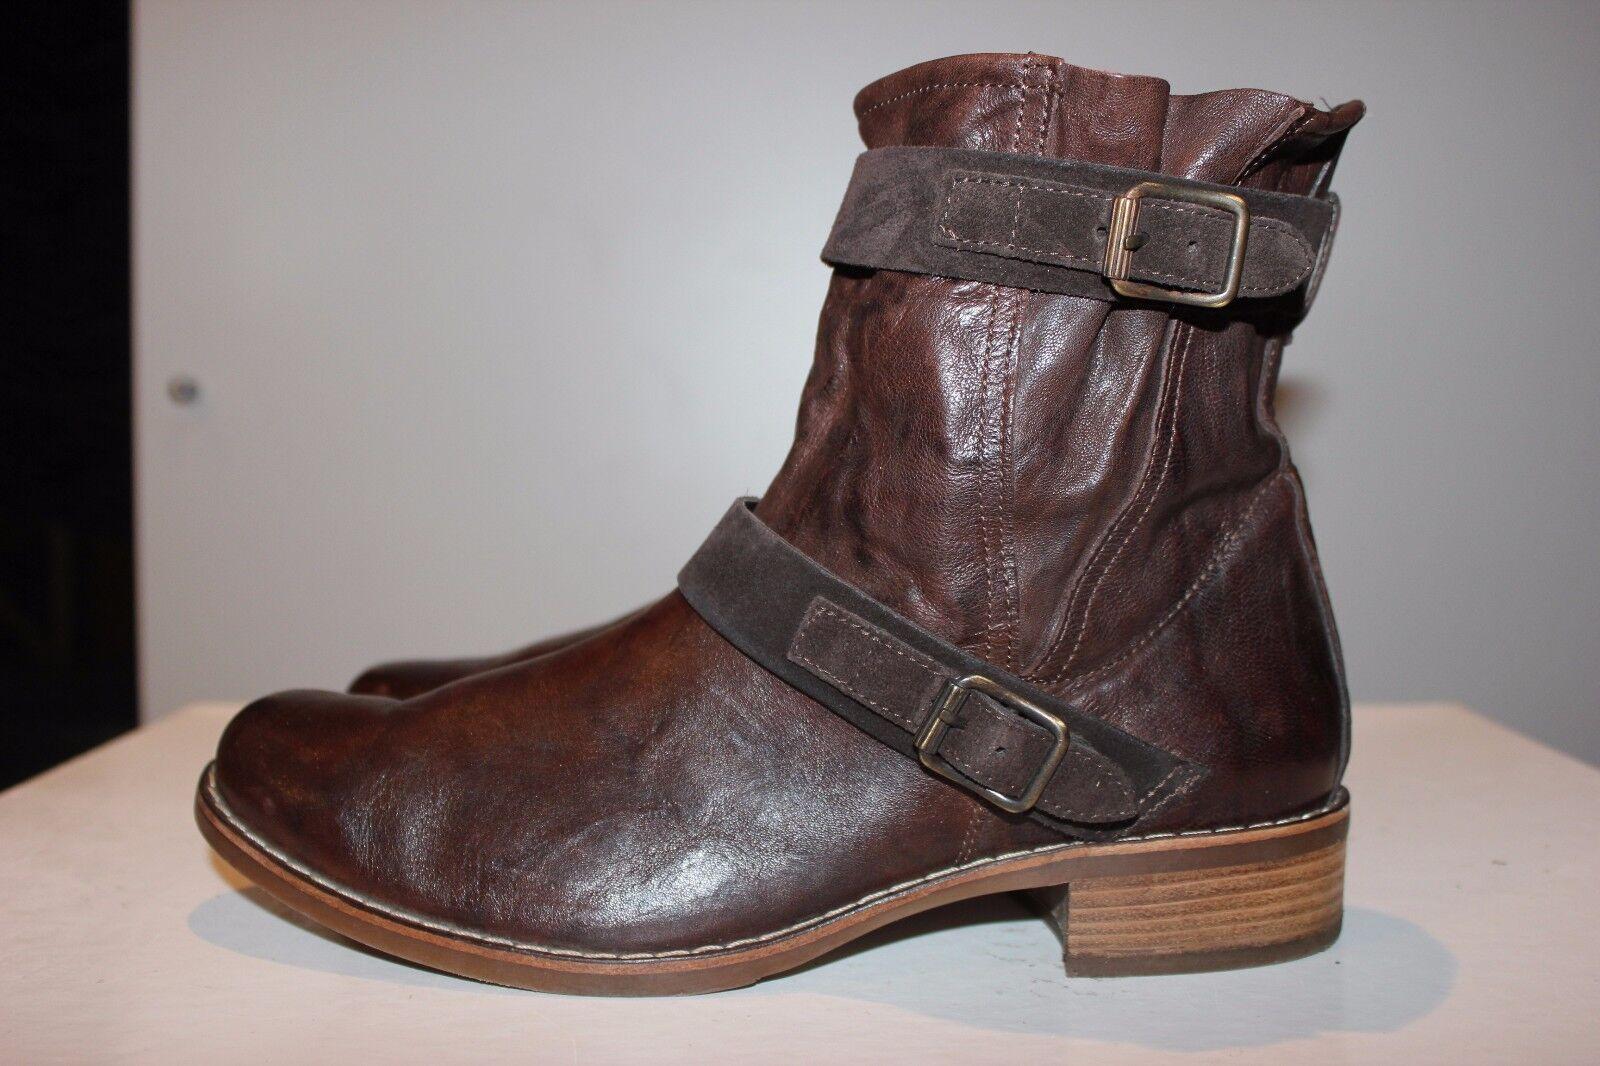 Paul verde sueño marrón cuero auténtico botas de motorista,  uk6, top estado